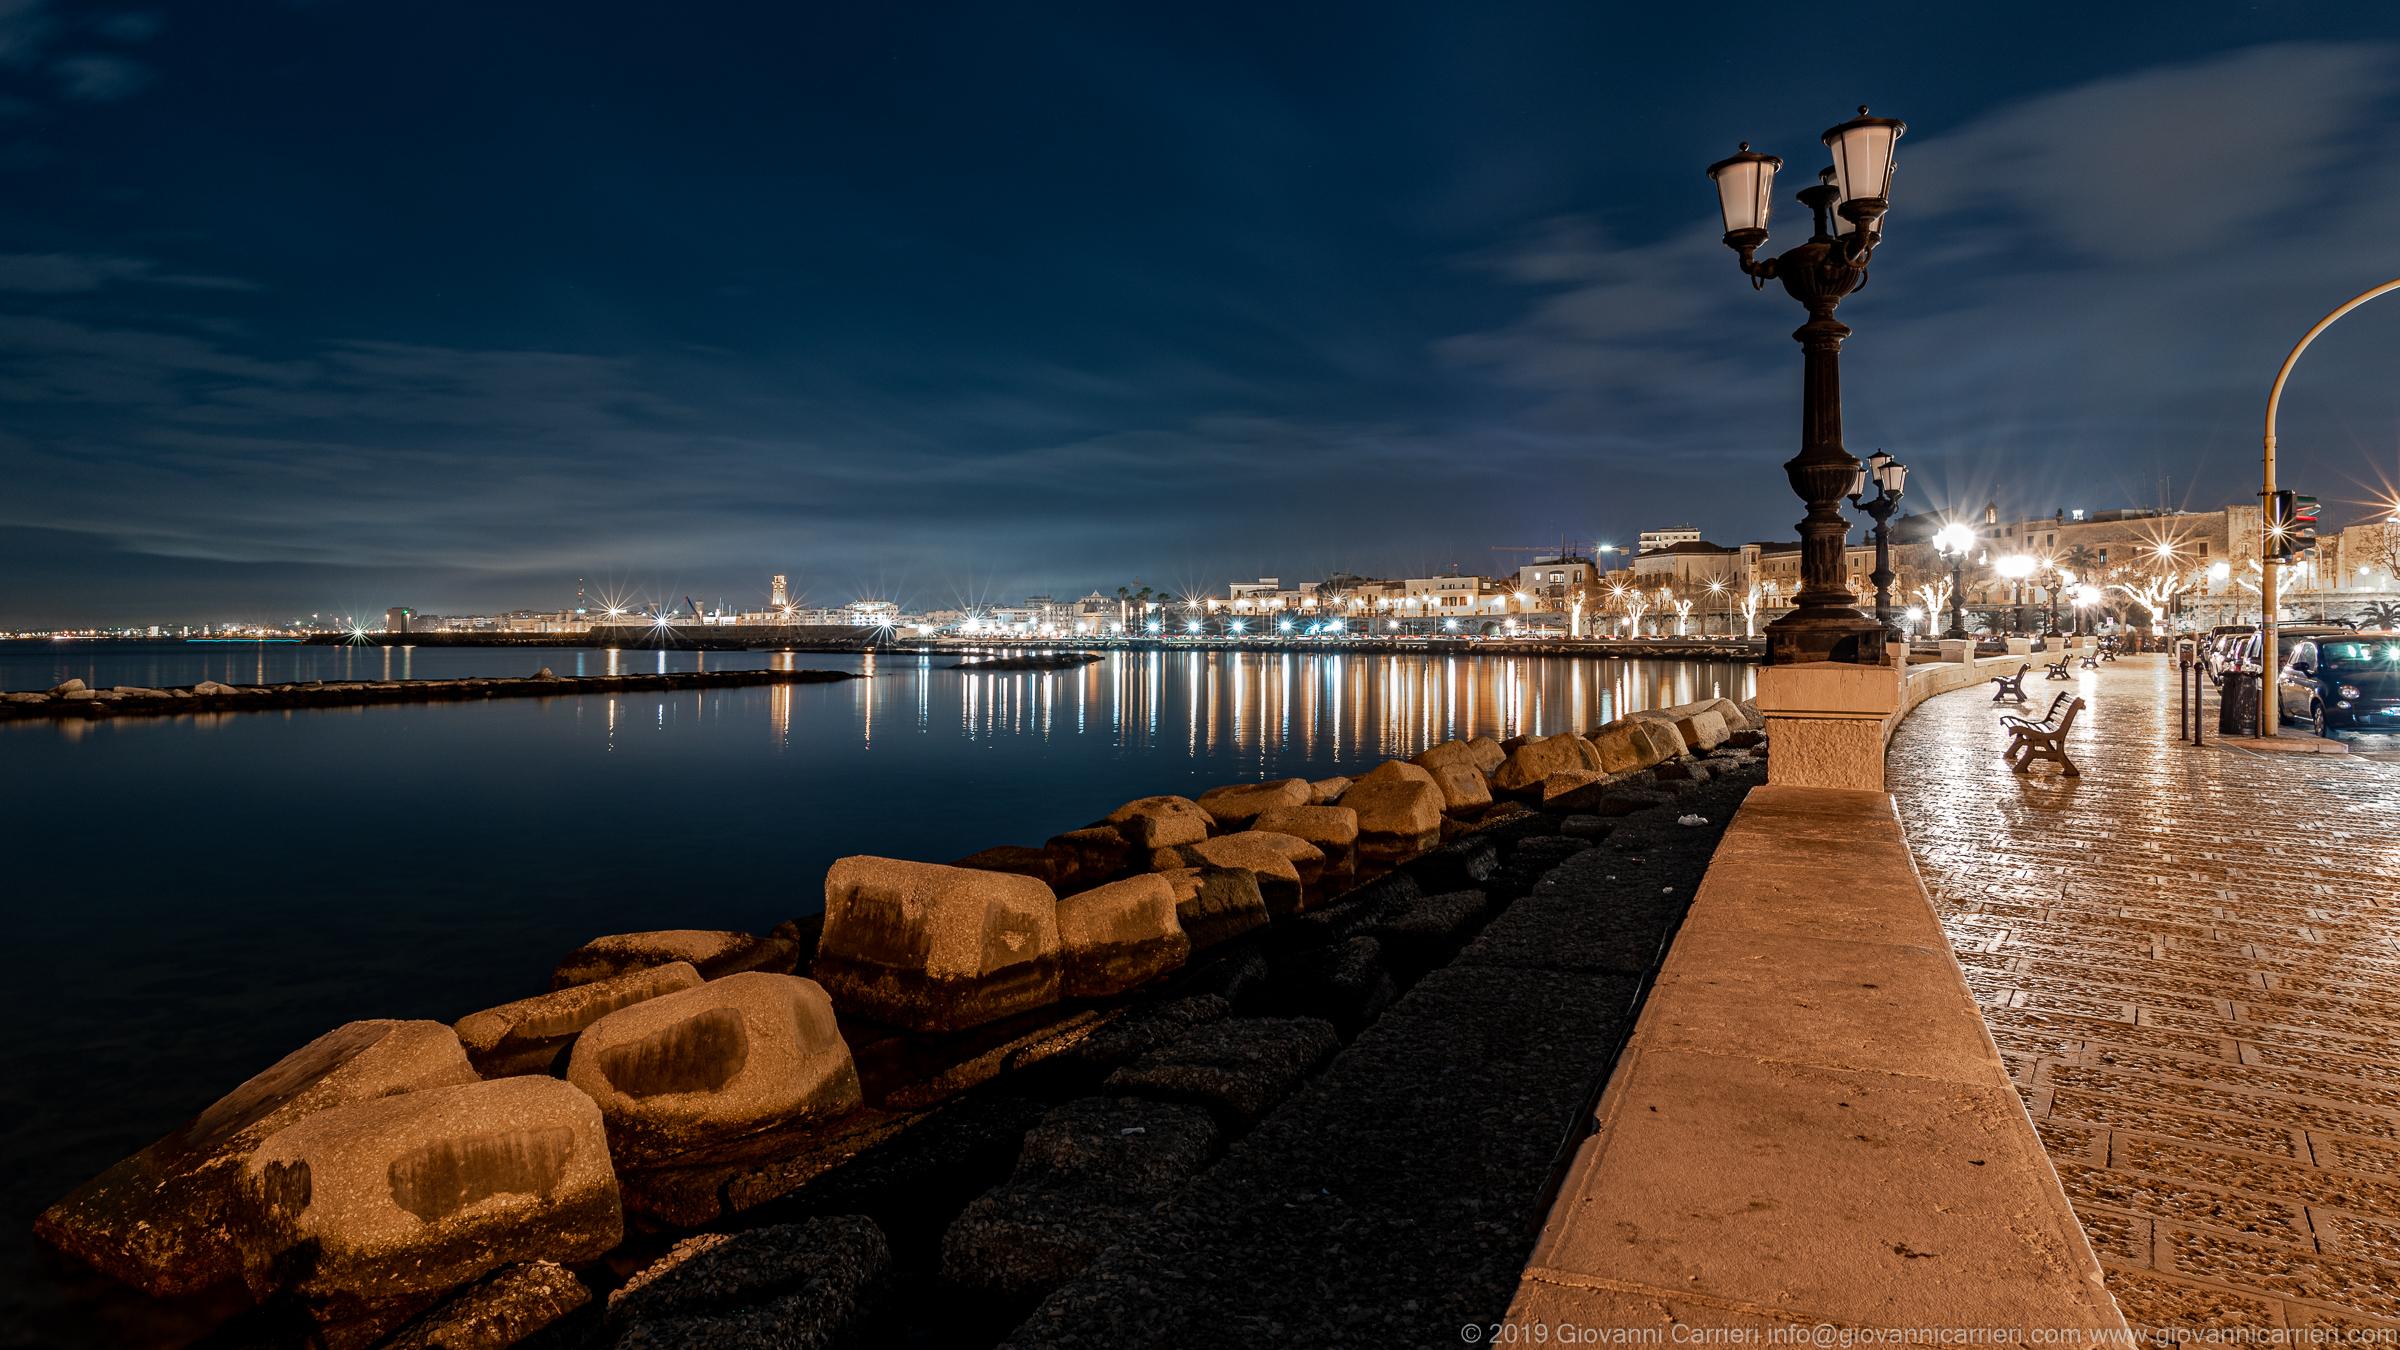 Il lungomare di Bari in notturna Il lungomare Imperatore Augusto, vista all'altezza del Ex Monastero benedettino di Santa Scolastica